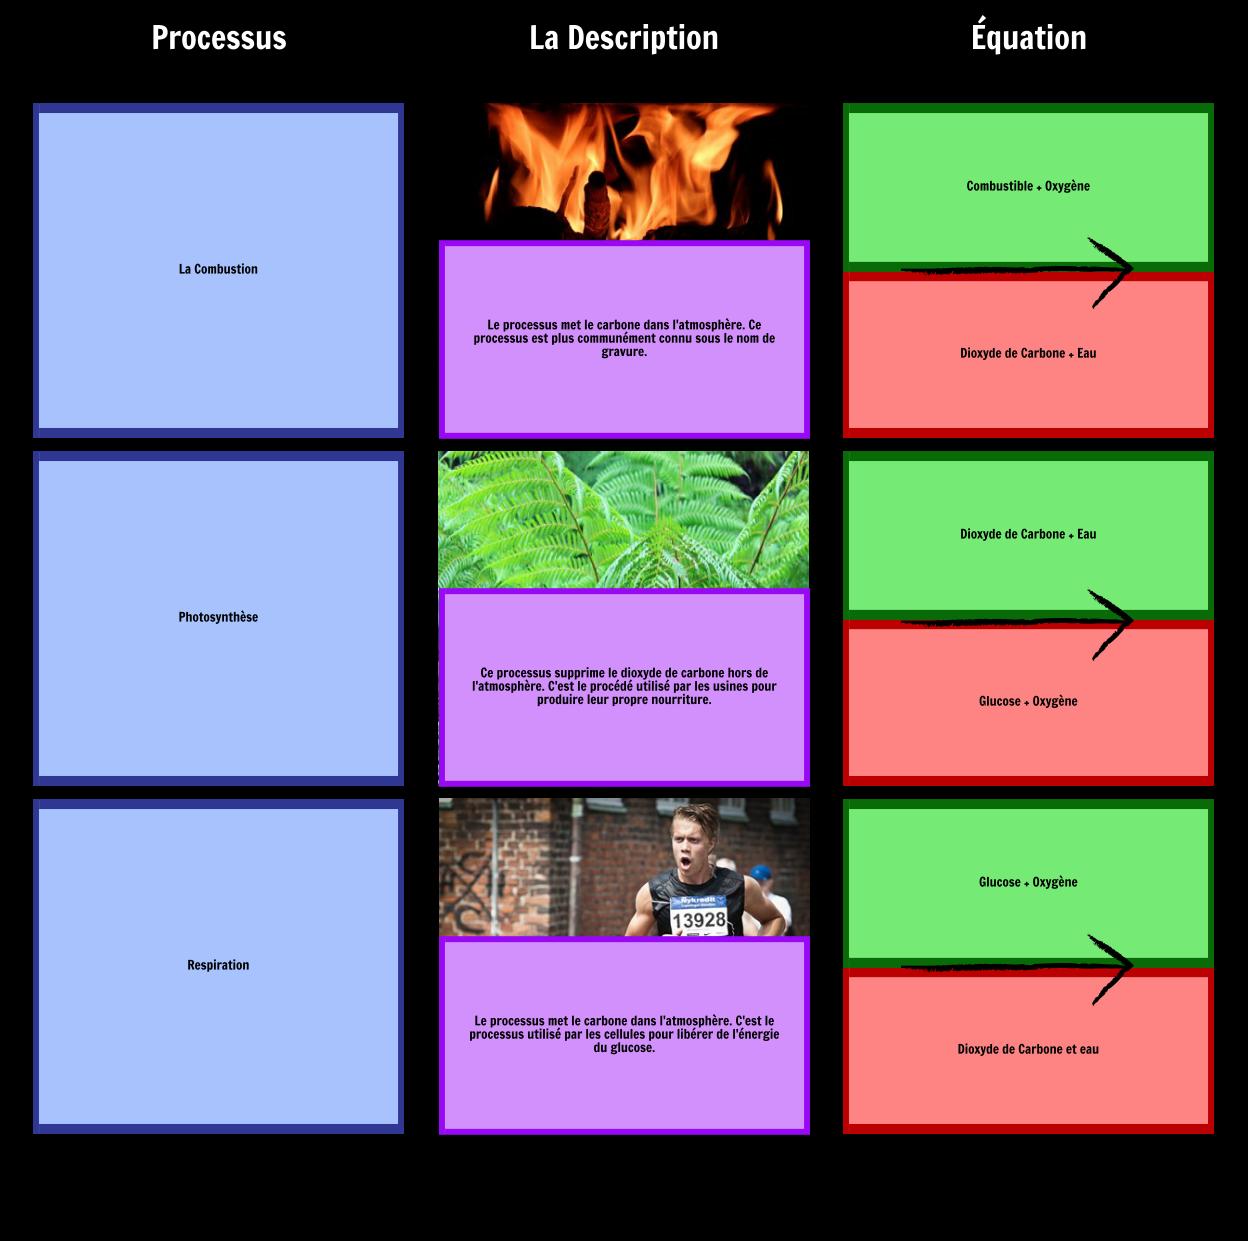 Processus Dans le Cycle du Carbone